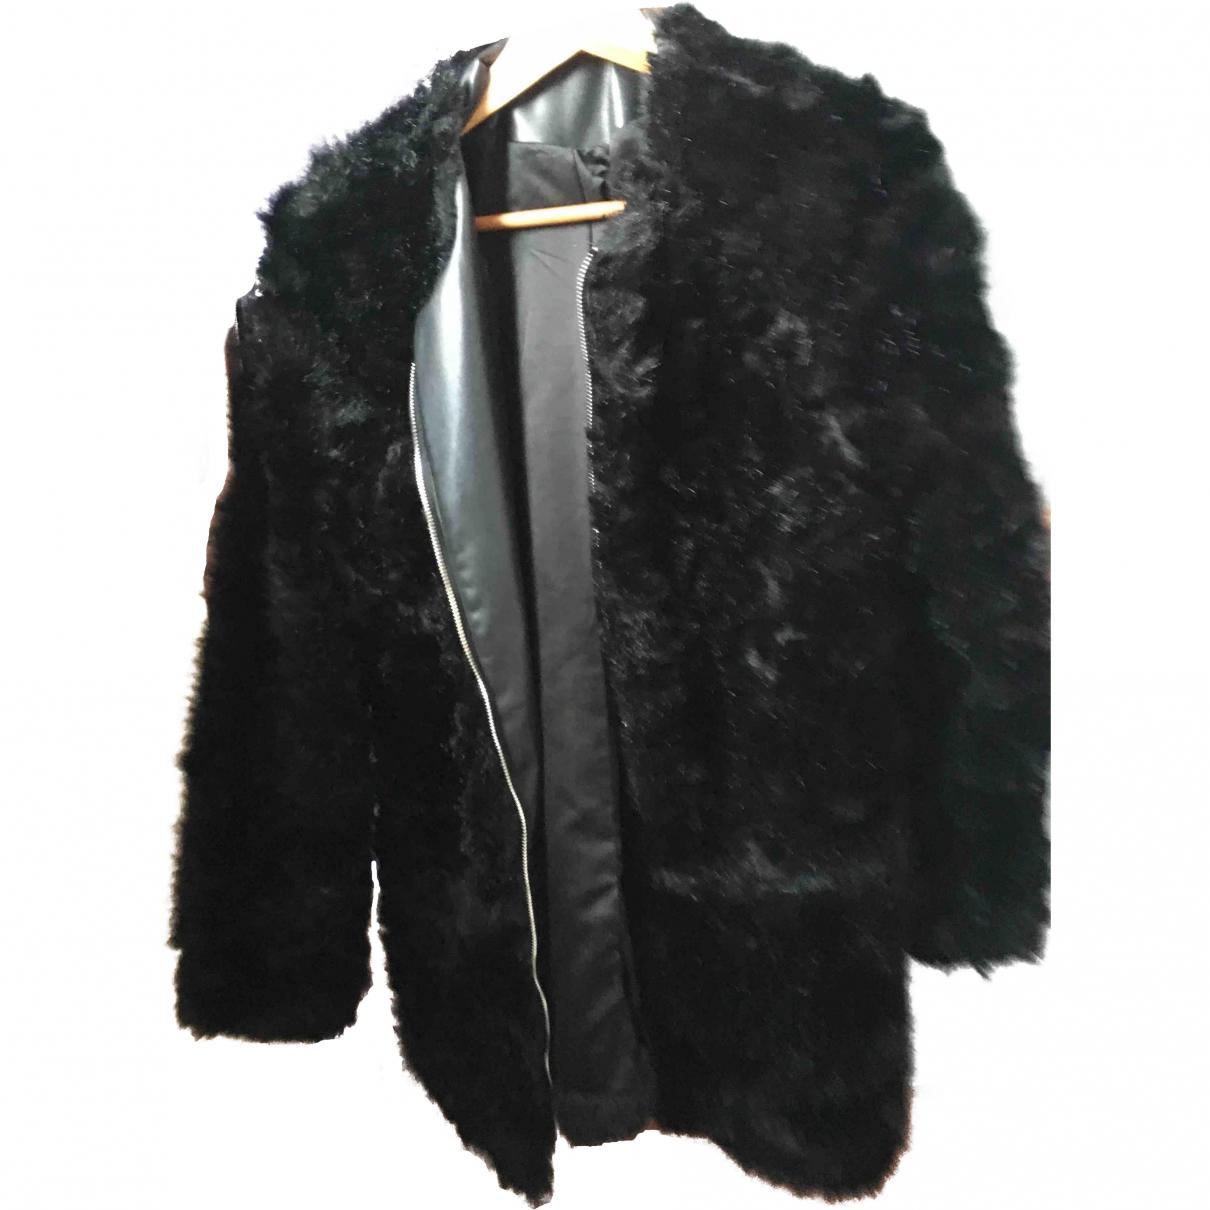 Zara - Manteau   pour femme en fourrure synthetique - noir